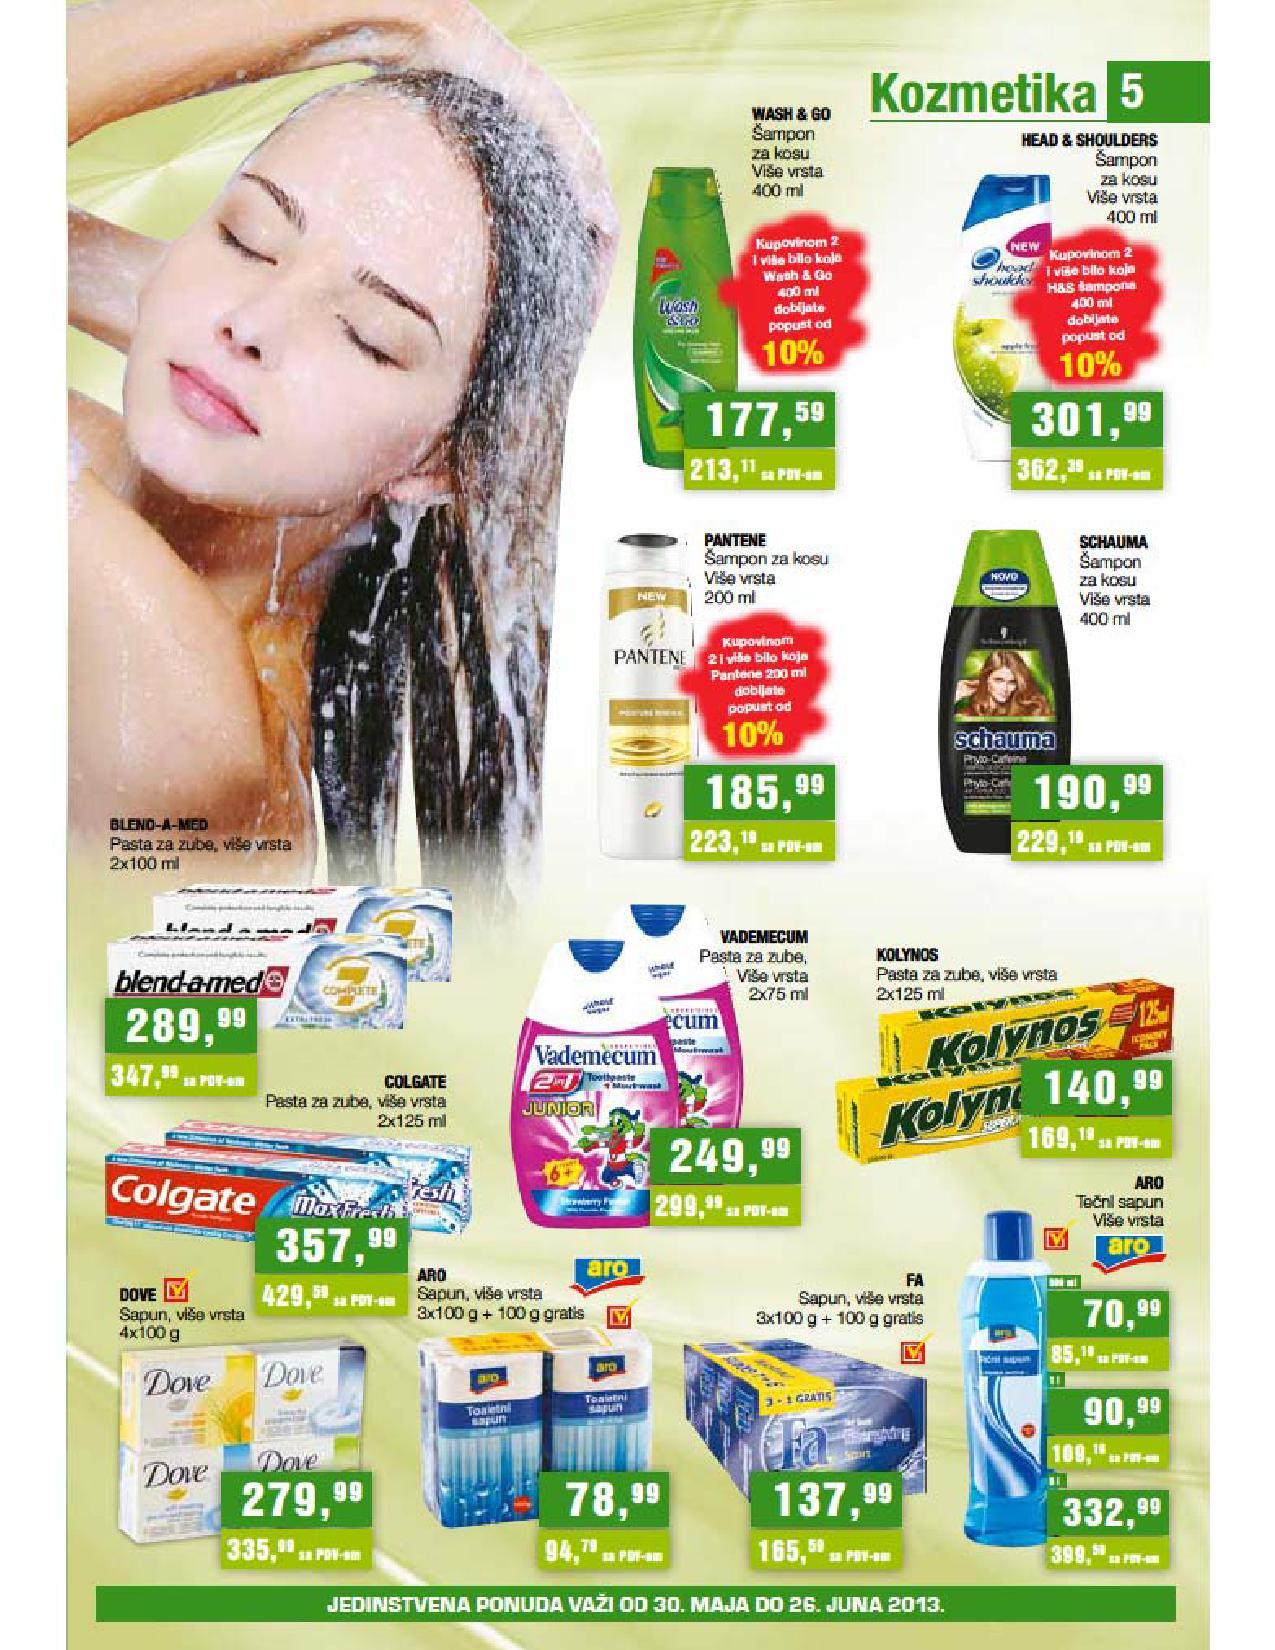 Metro Katalog Kozmetika